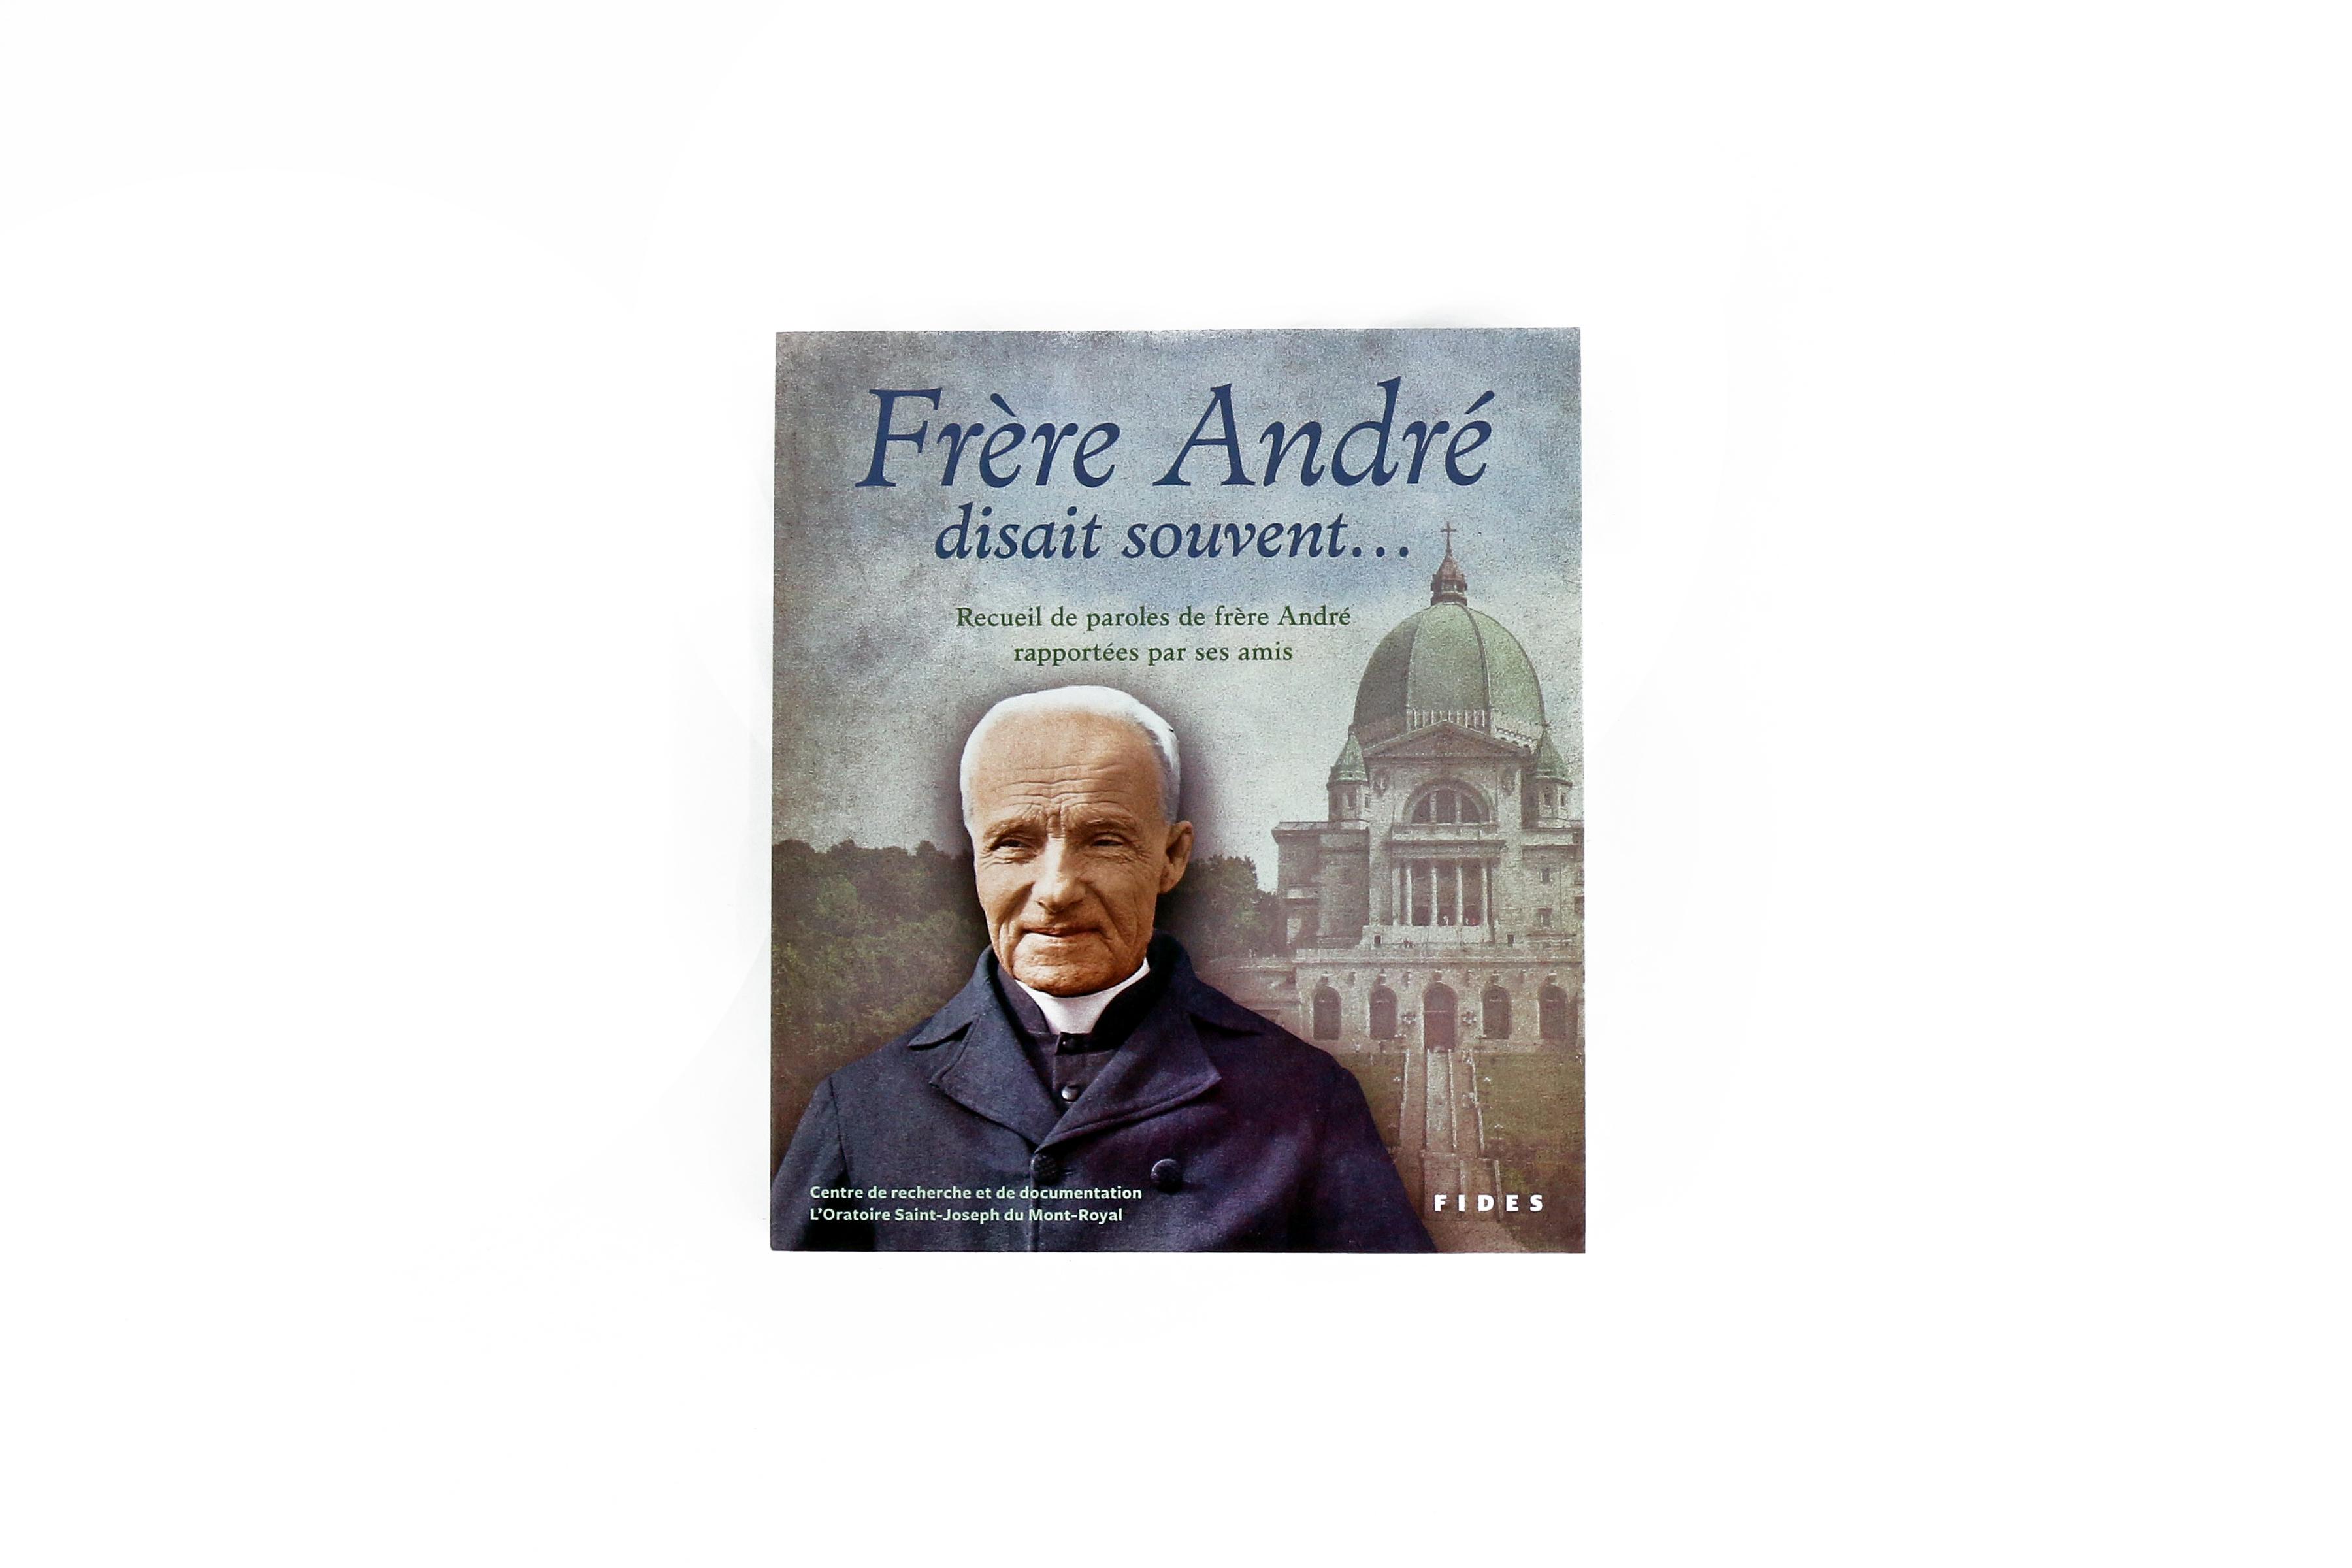 Frère André disait souvent… Recueil de paroles de saint frère André